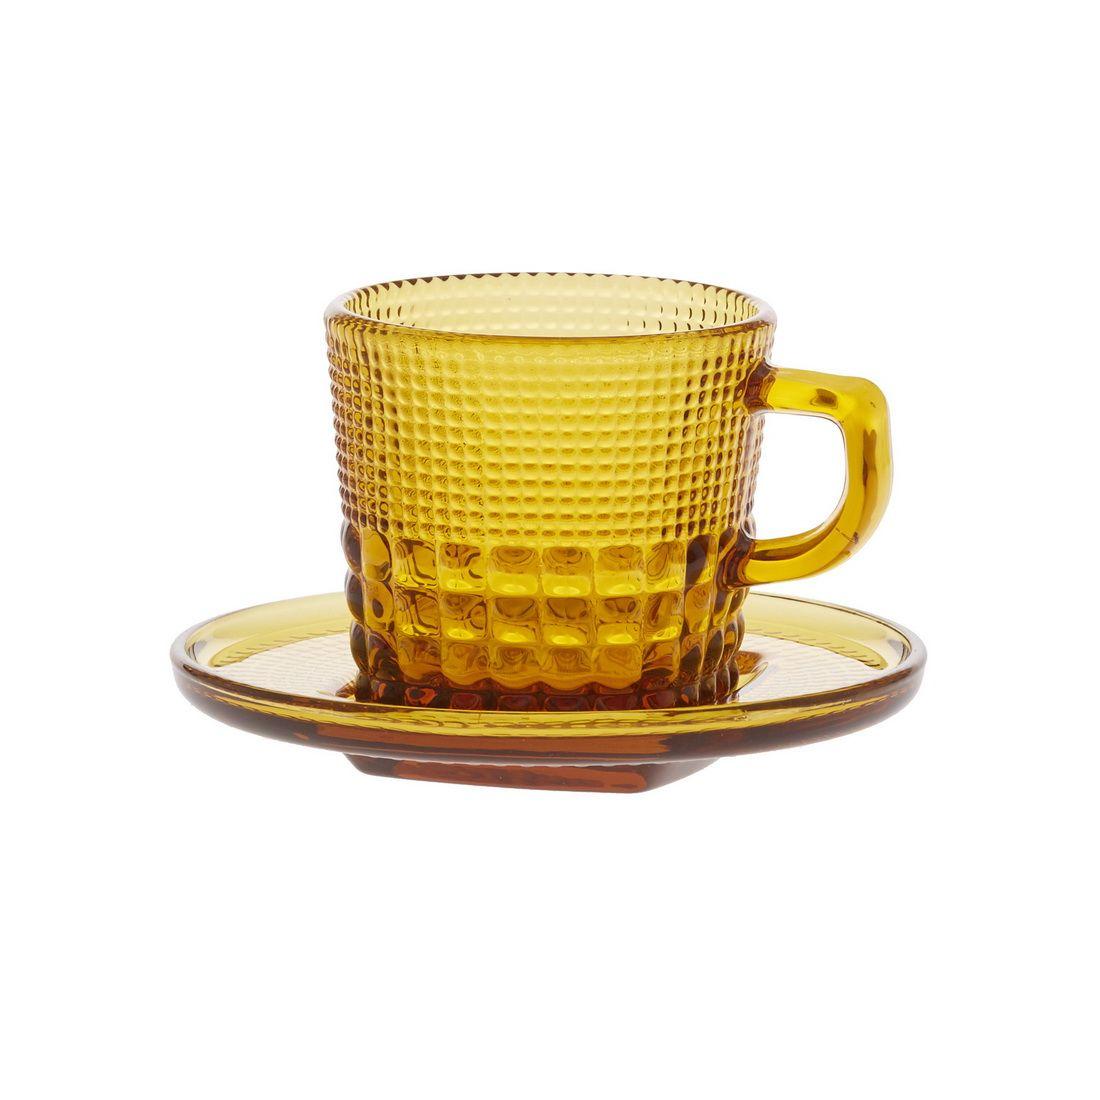 Чашка с блюдцем кофейная Royal dropsЧашка с блюдцем кофейная Роял дропс представляет собой стильную пару в оригинальном и ярком дизайне. Она станет настоящим украшением вашего стола и подойдет как для повседневного использования, так и для торжественных случаев, для дома и офиса, а также для кафе и баров. Модель выполнена из усиленного цветного стекла с необычным рельефным декором. Толстое стекло эффективно сохраняет первоначальную температуру напитка. Оптимальный объем модели подойдет как для эспрессо, так для американо. Чашка с блюдцем кофейная Роял дропс – лучший выбор для ценителей кофе и чаепитий.<br>